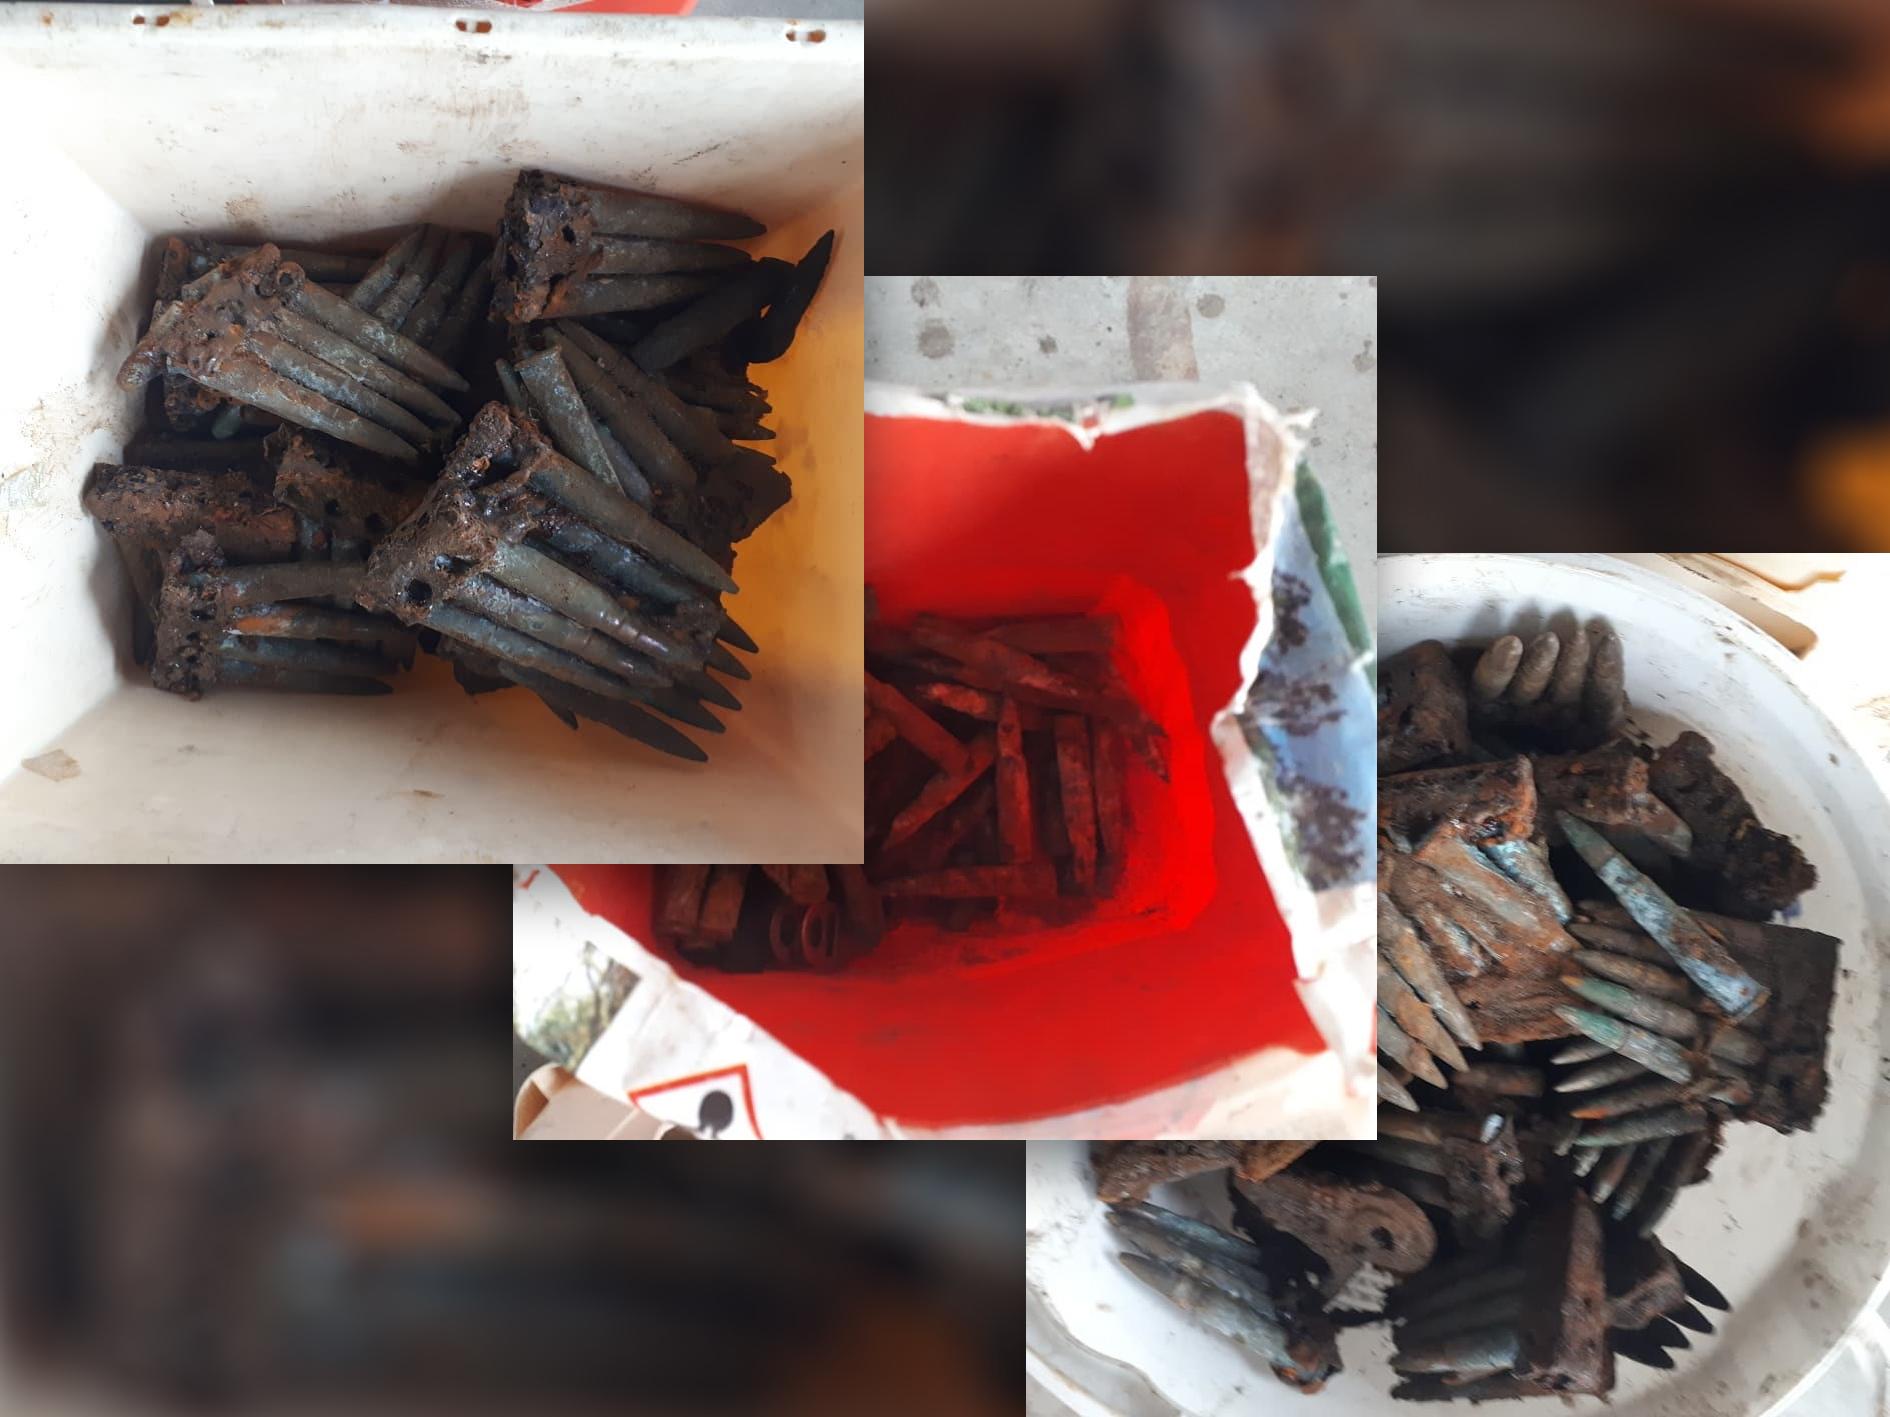 Zoeterwoudse metaaldetectorist neemt gevonden munitie mee naar huis